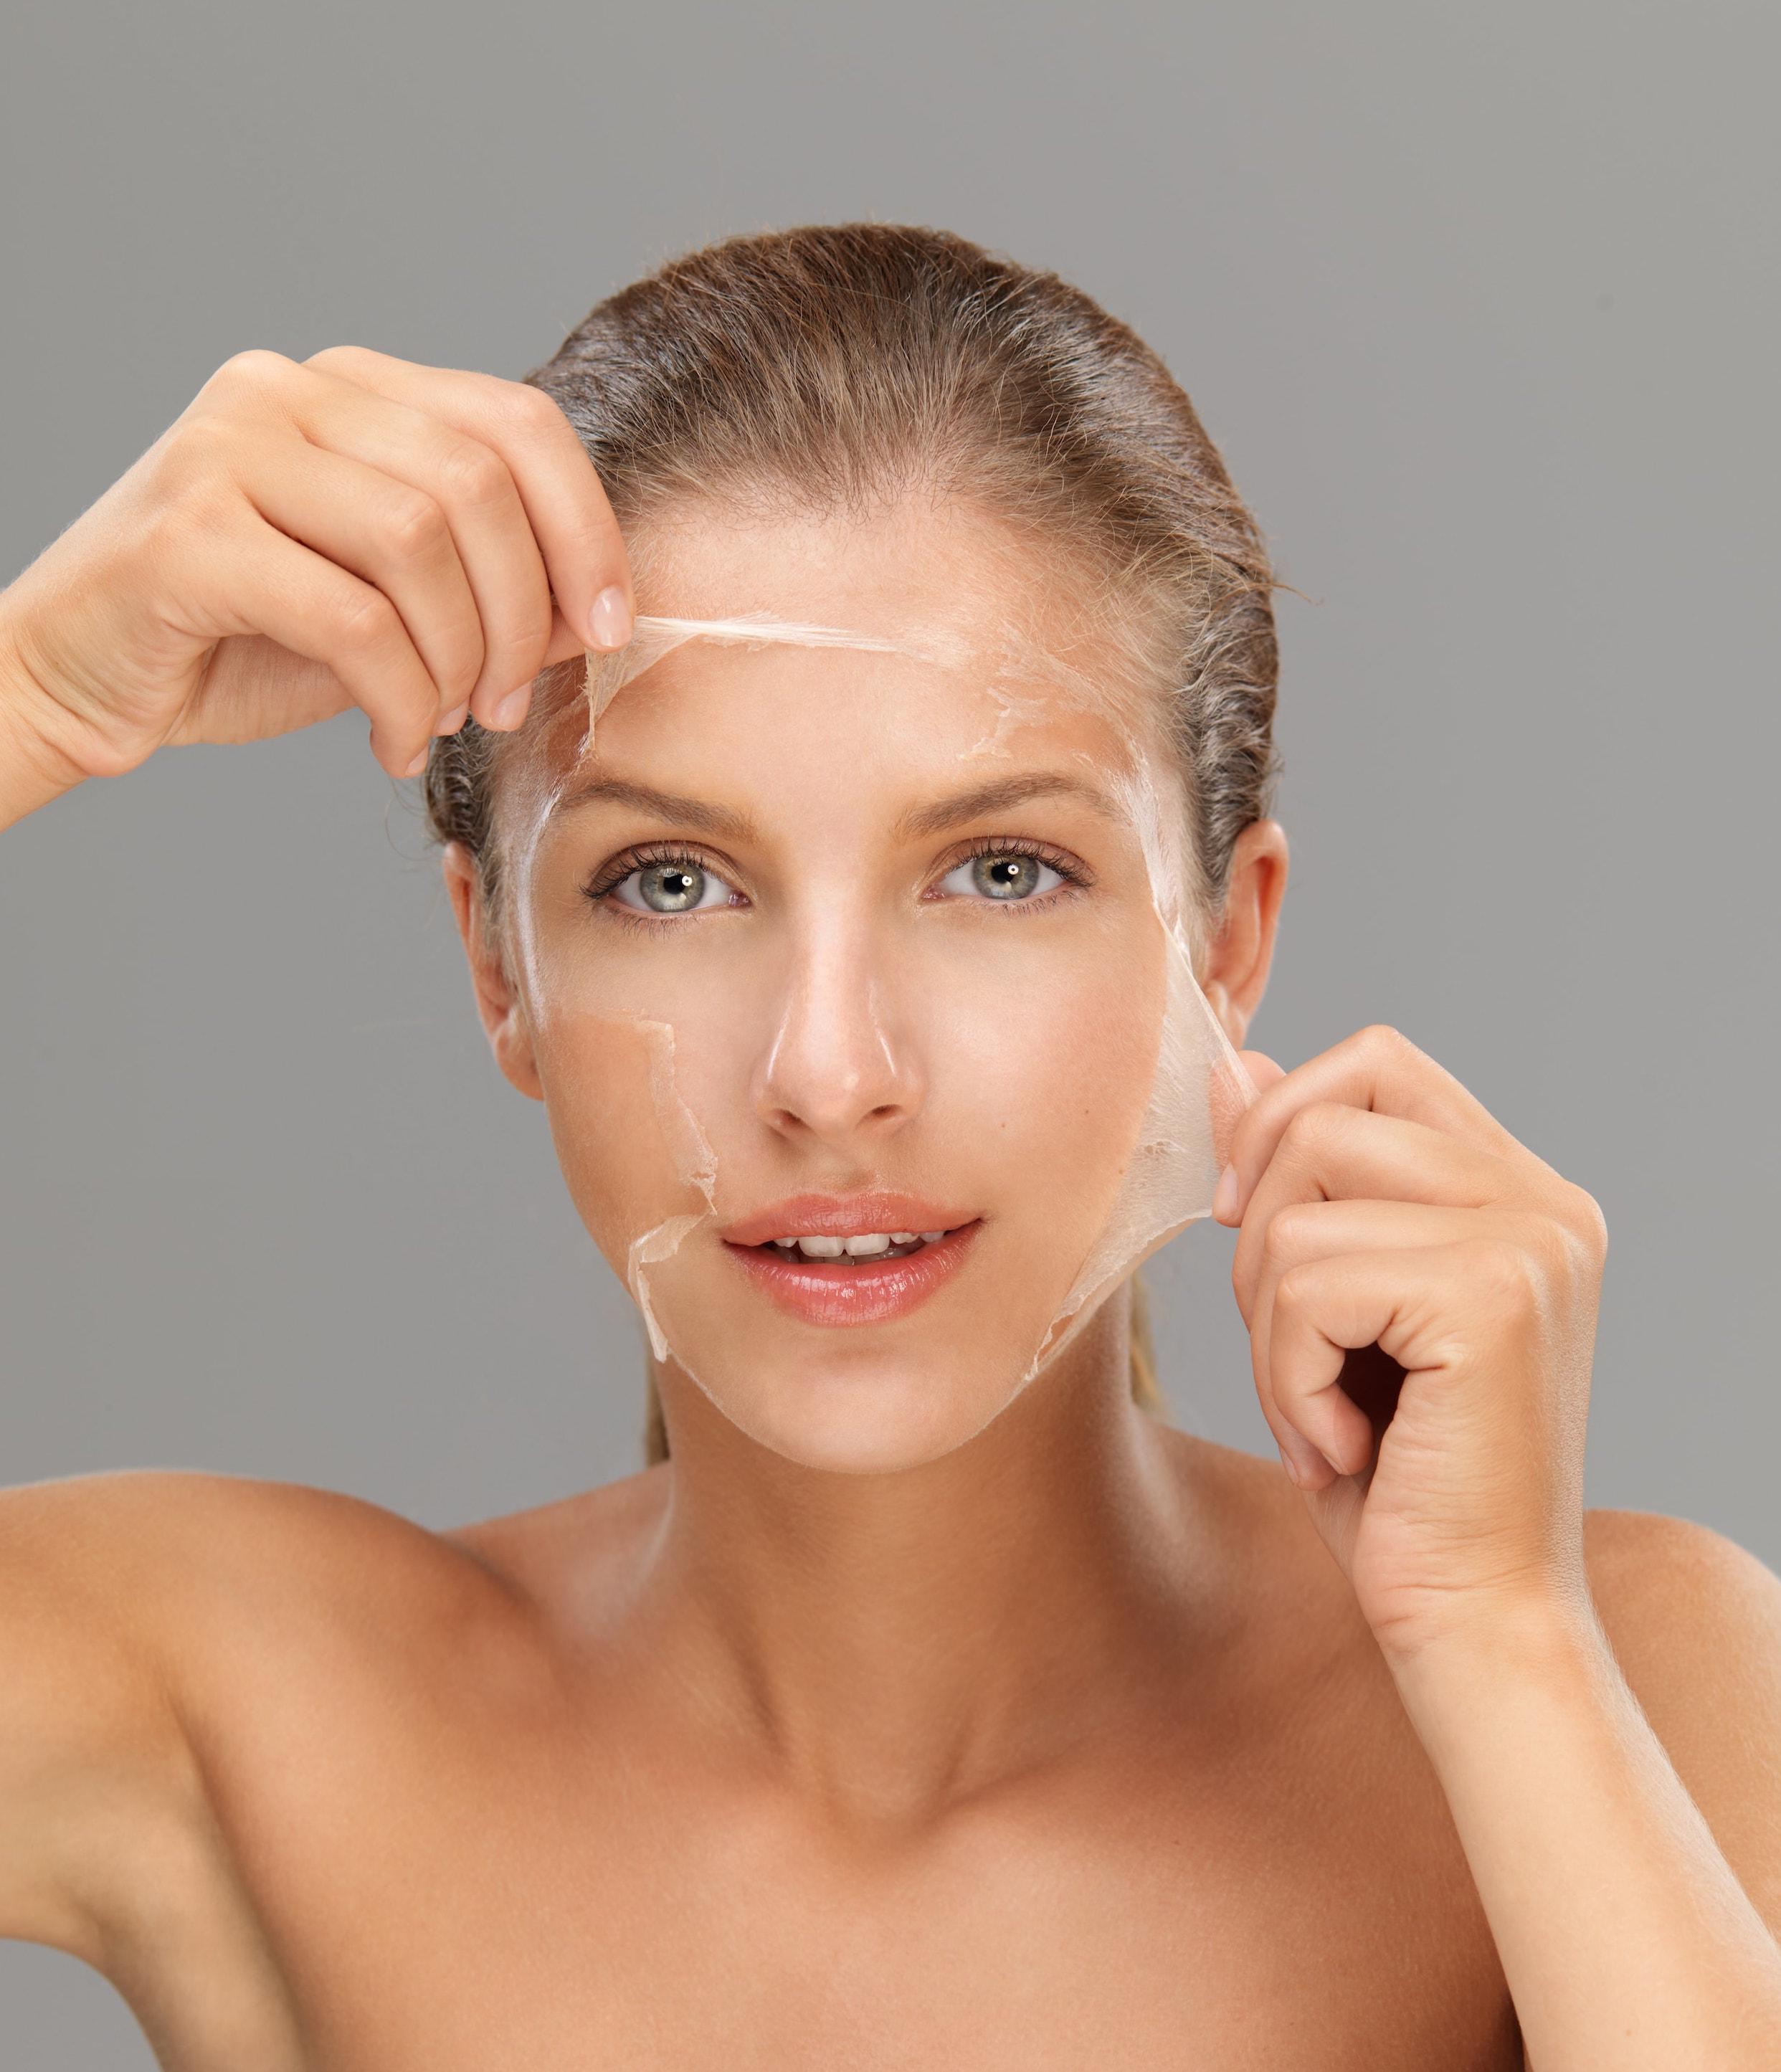 Plastik im Gesicht: Silikone in der Kosmetik